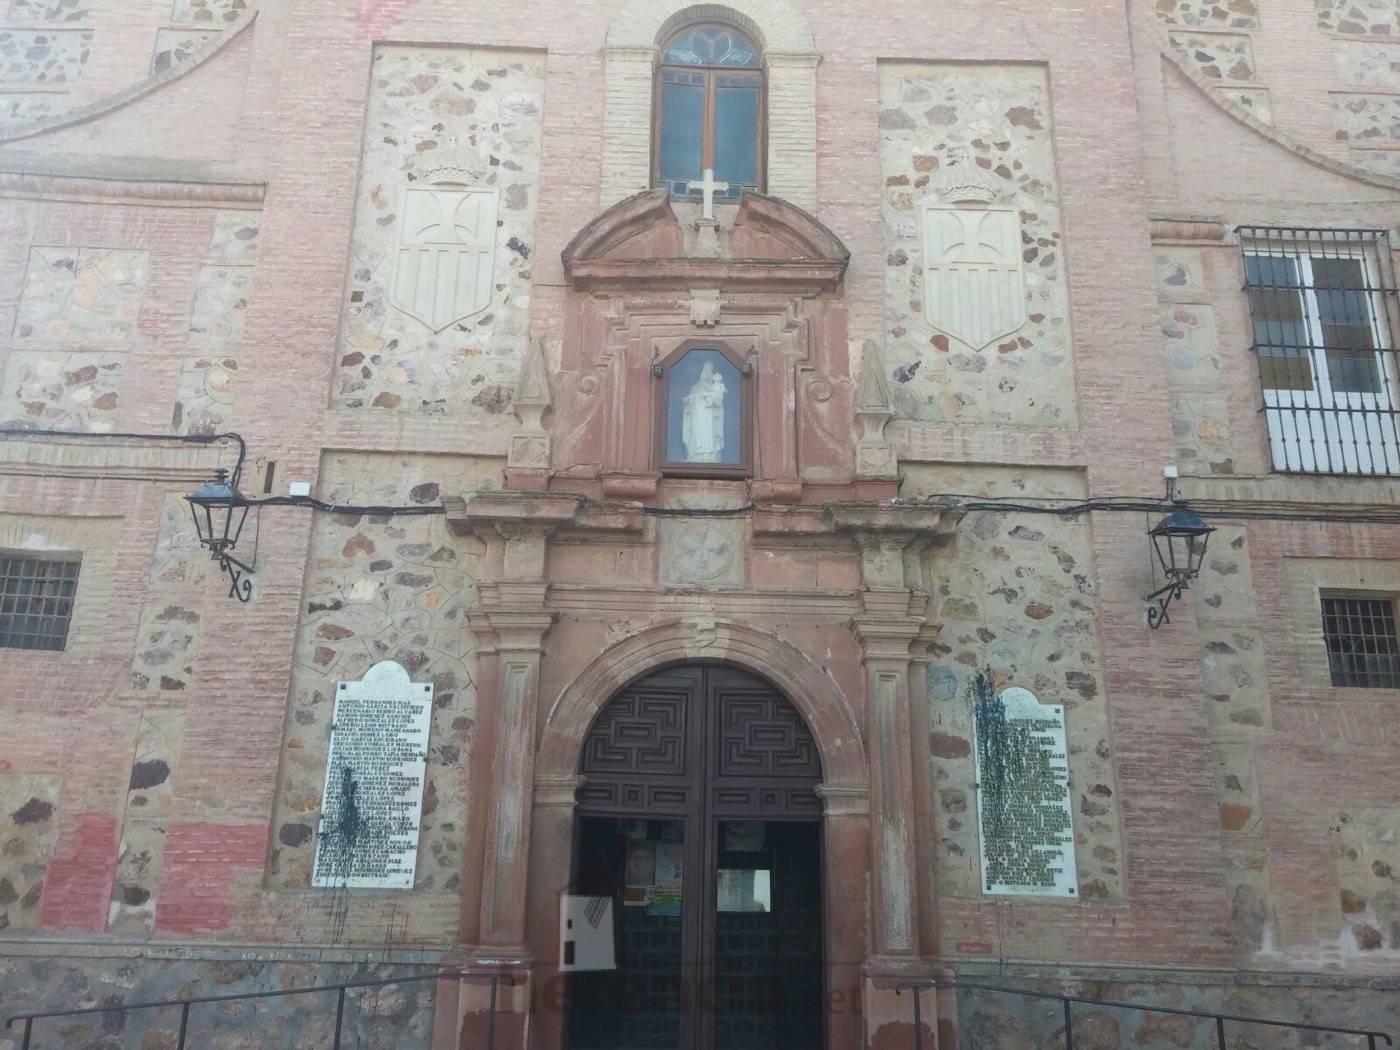 placas en memoria a los caidos en fachada del convento de herencia 2 - El Ayuntamiento acudirá al Tribunal Superior de Justicia para resolver el contencioso de las placas del Convento de la Merced